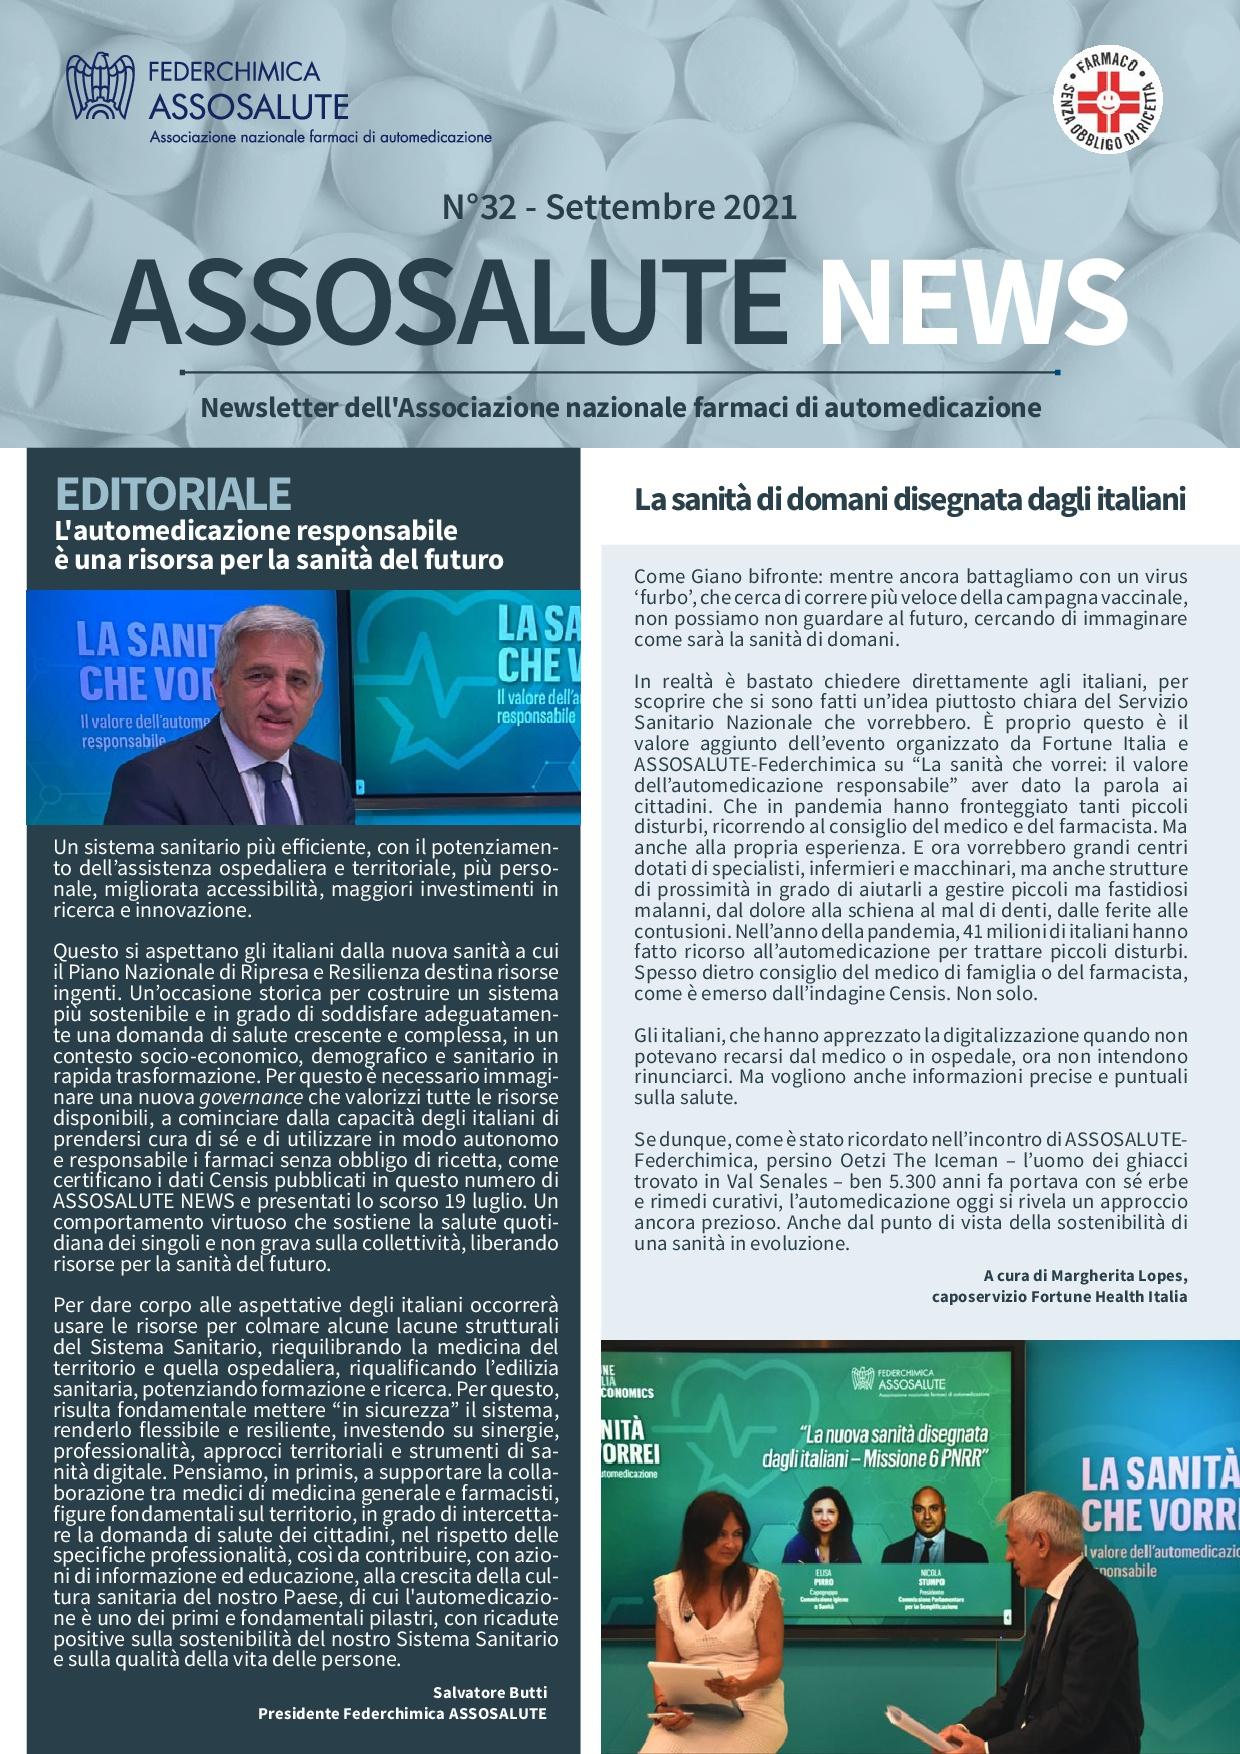 Newsletter Assosalute - Settembre 2021